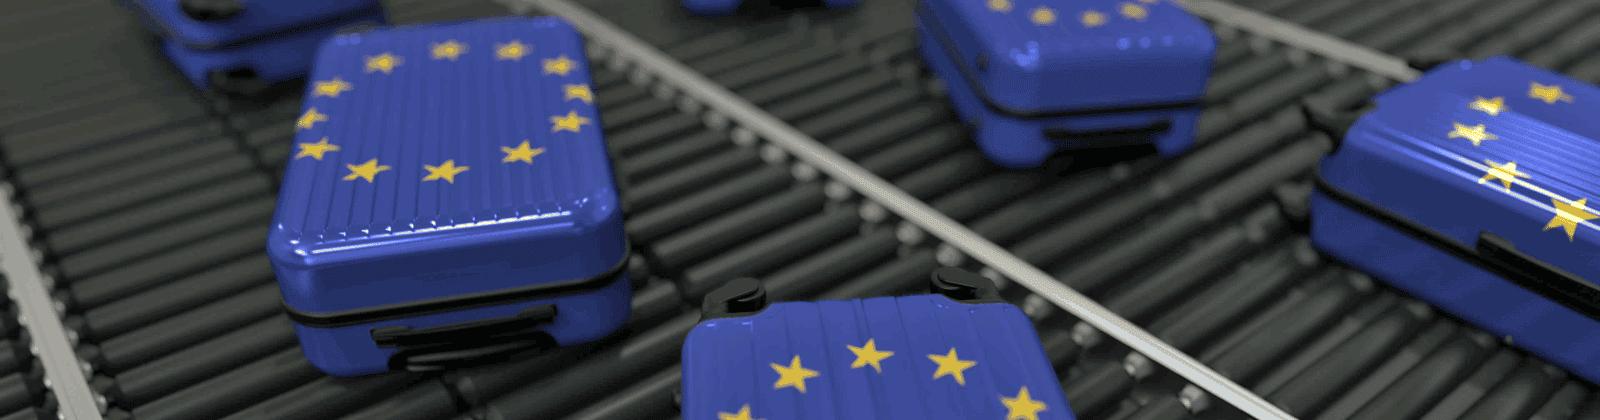 Reizen naar het Schengengebied